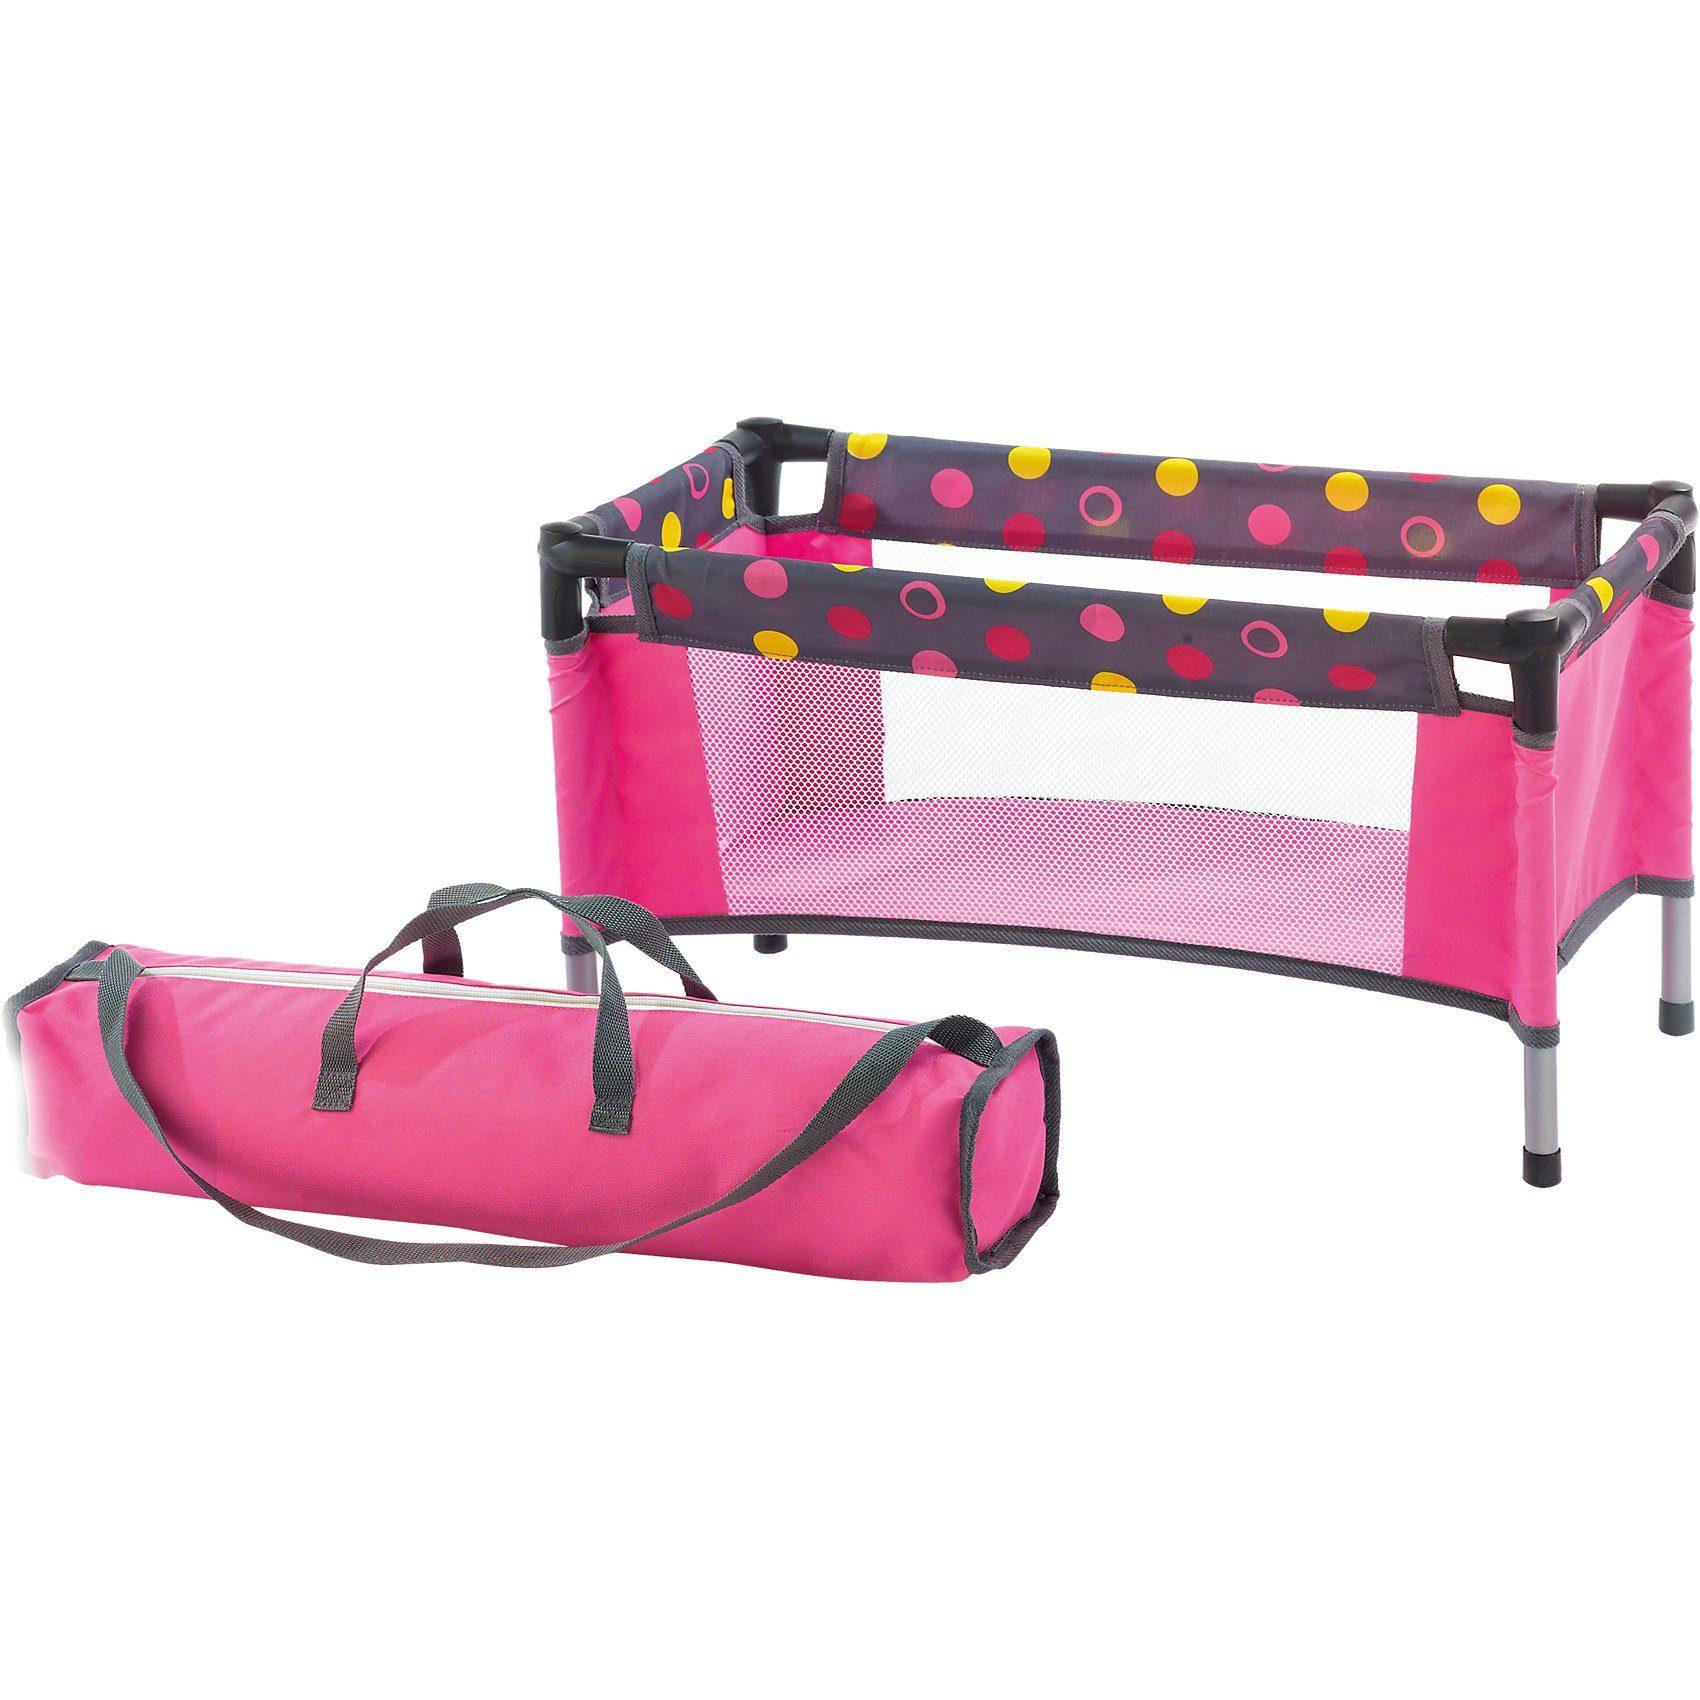 CHIC2000 Puppen-Reisebett Dark Pink